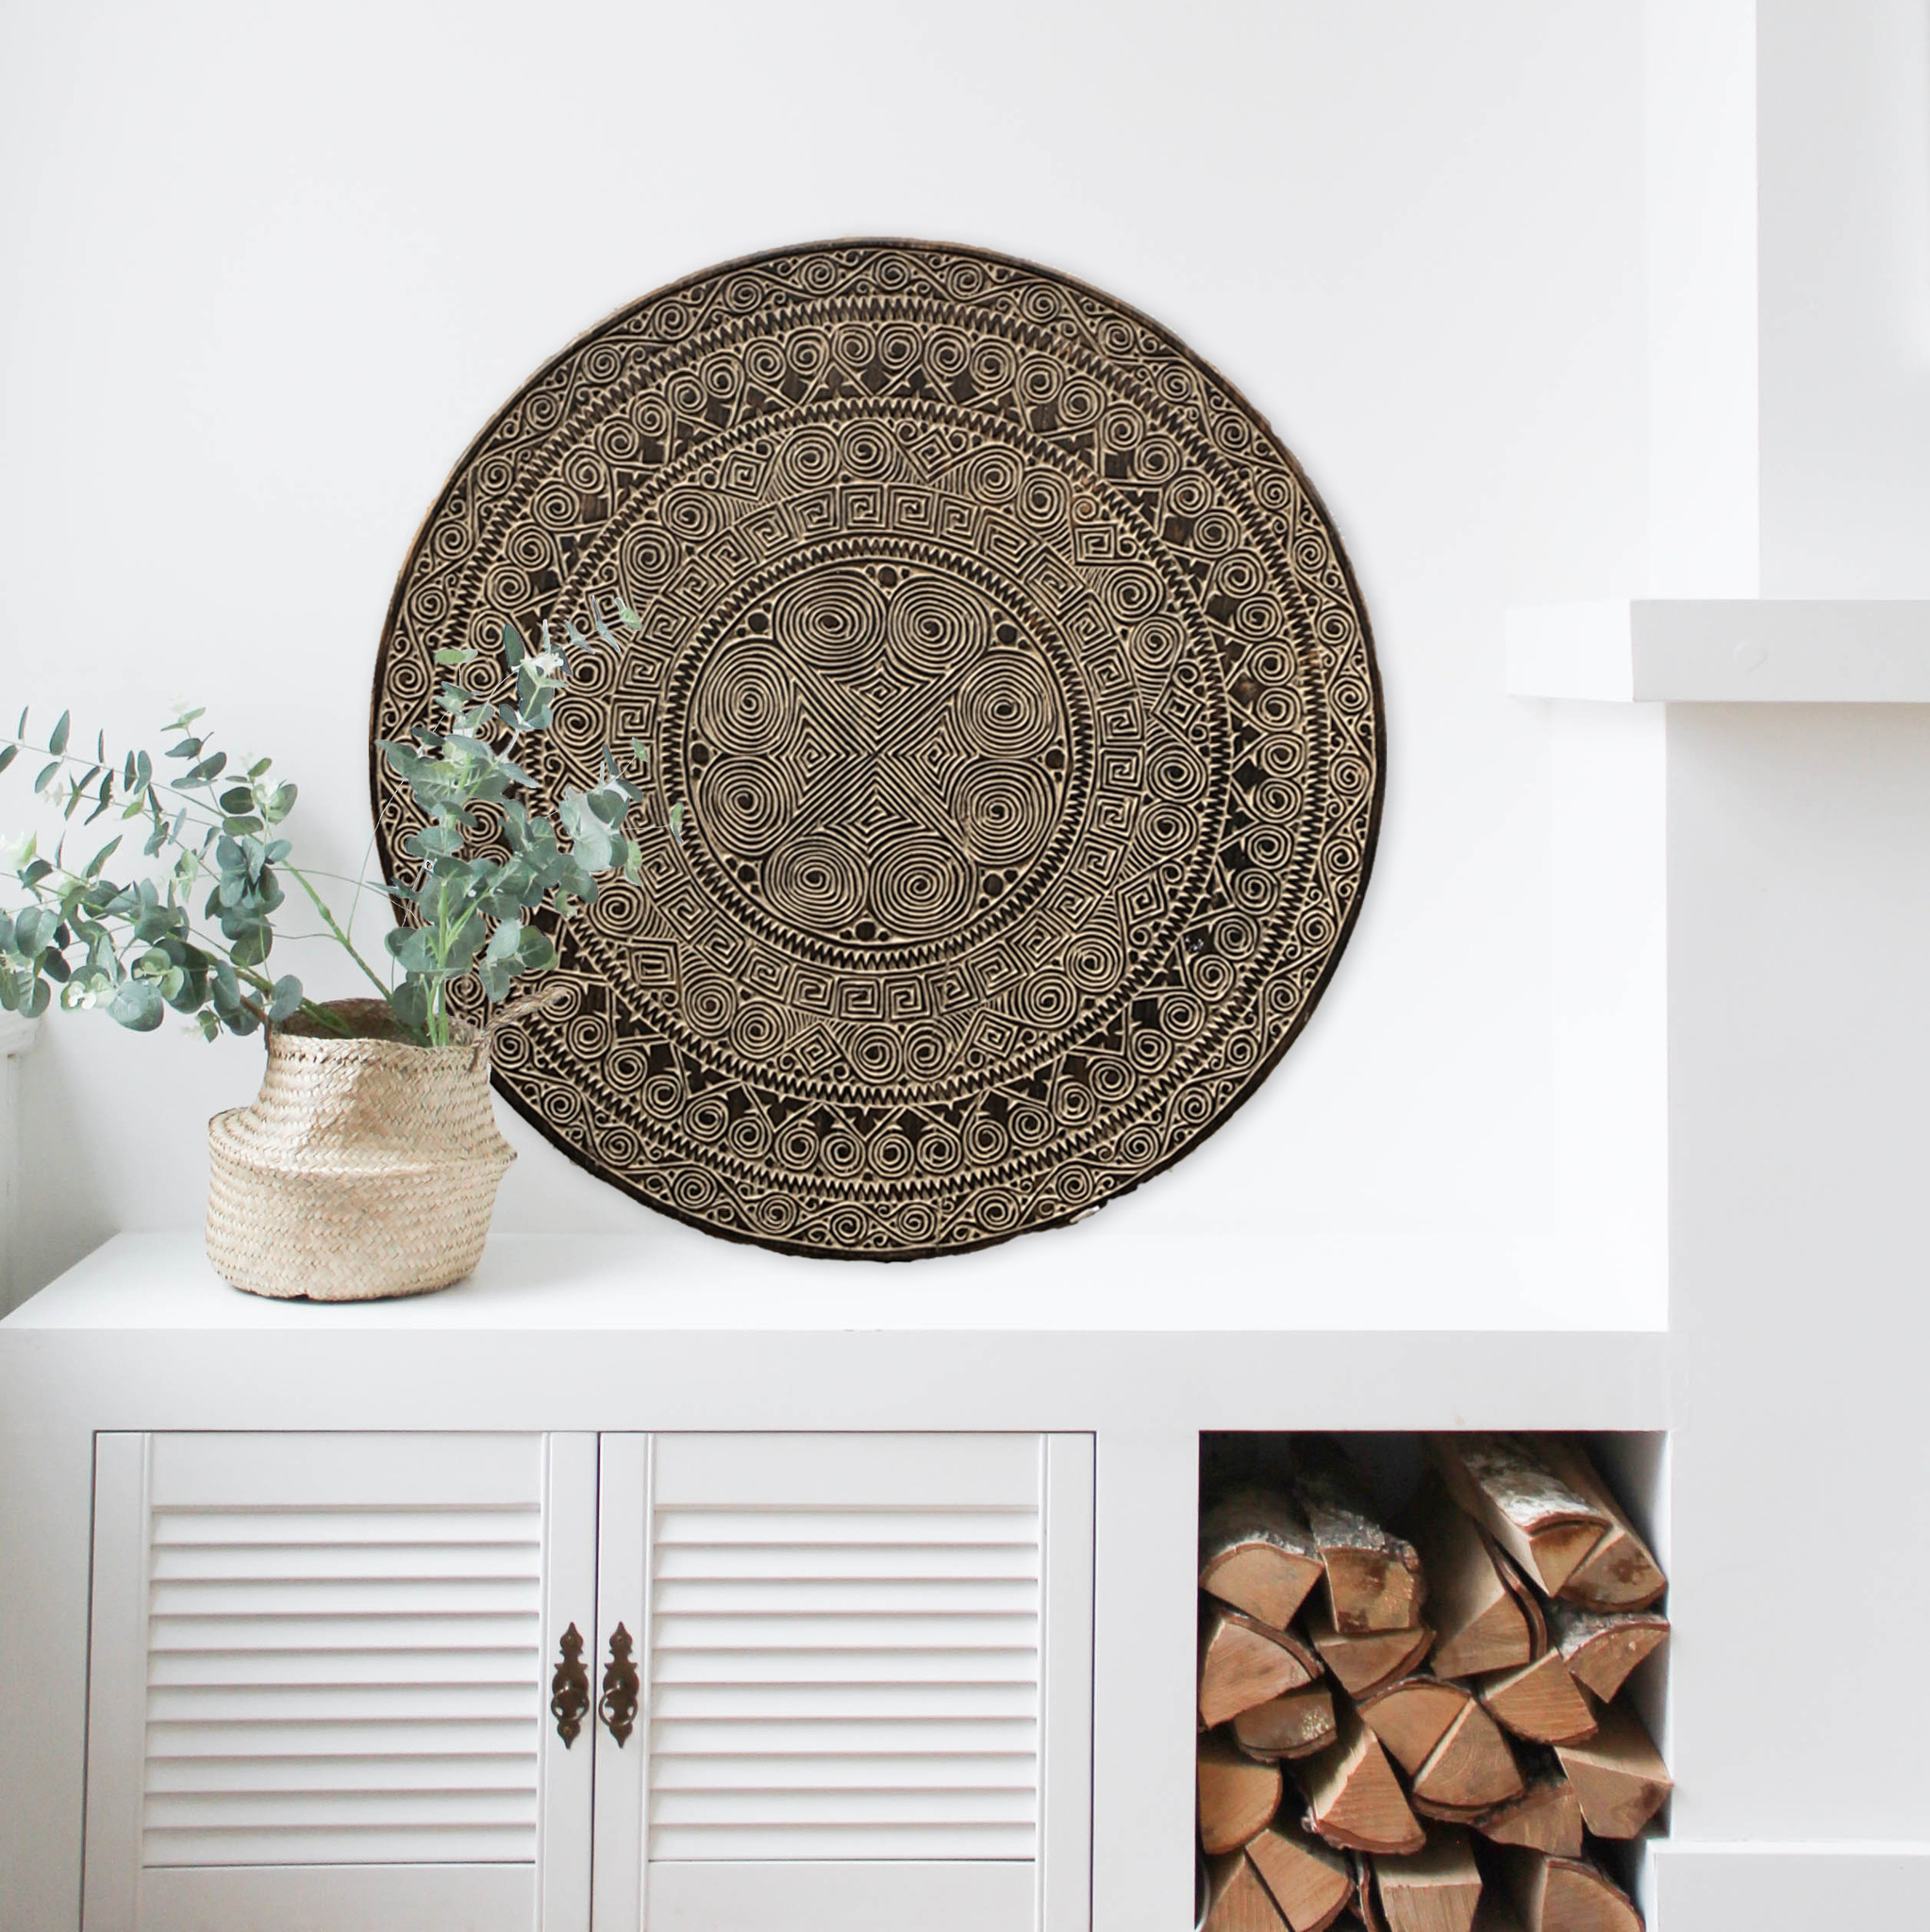 Handgeschnitzte Wandpaneele TIMOR, rund ( verschiedene Durchmesser, Farbe: antikbraun